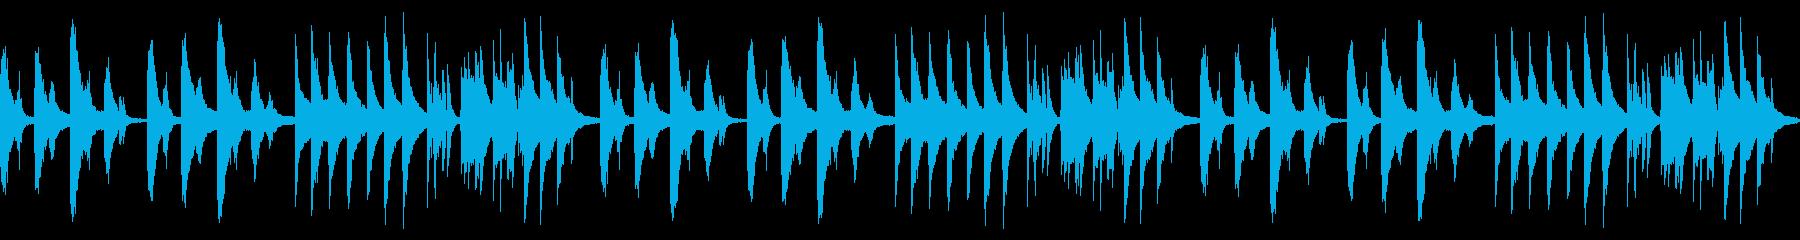 静かで温かみのある情熱的ピアノループの再生済みの波形